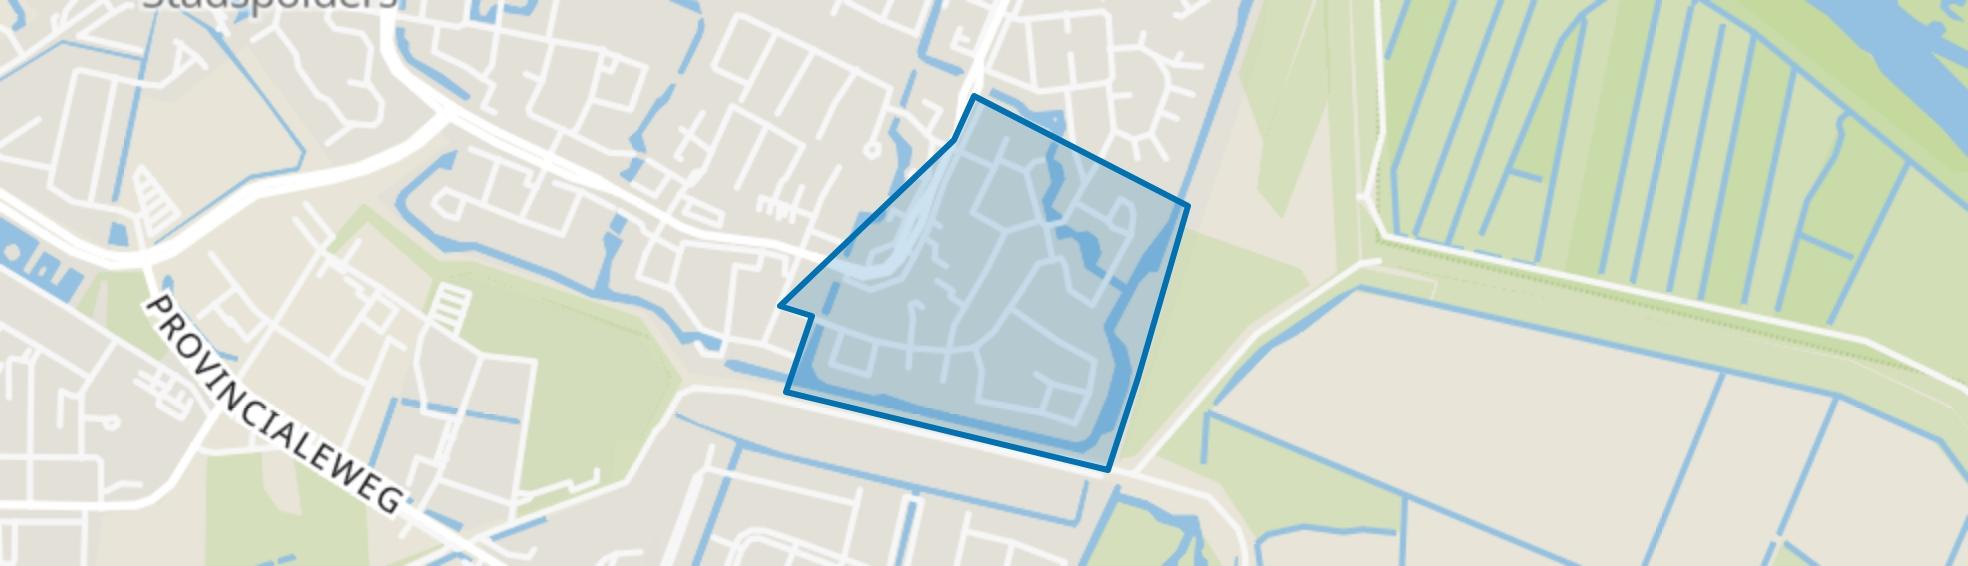 Aletta Jacobs-erf en omgeving, Dordrecht map